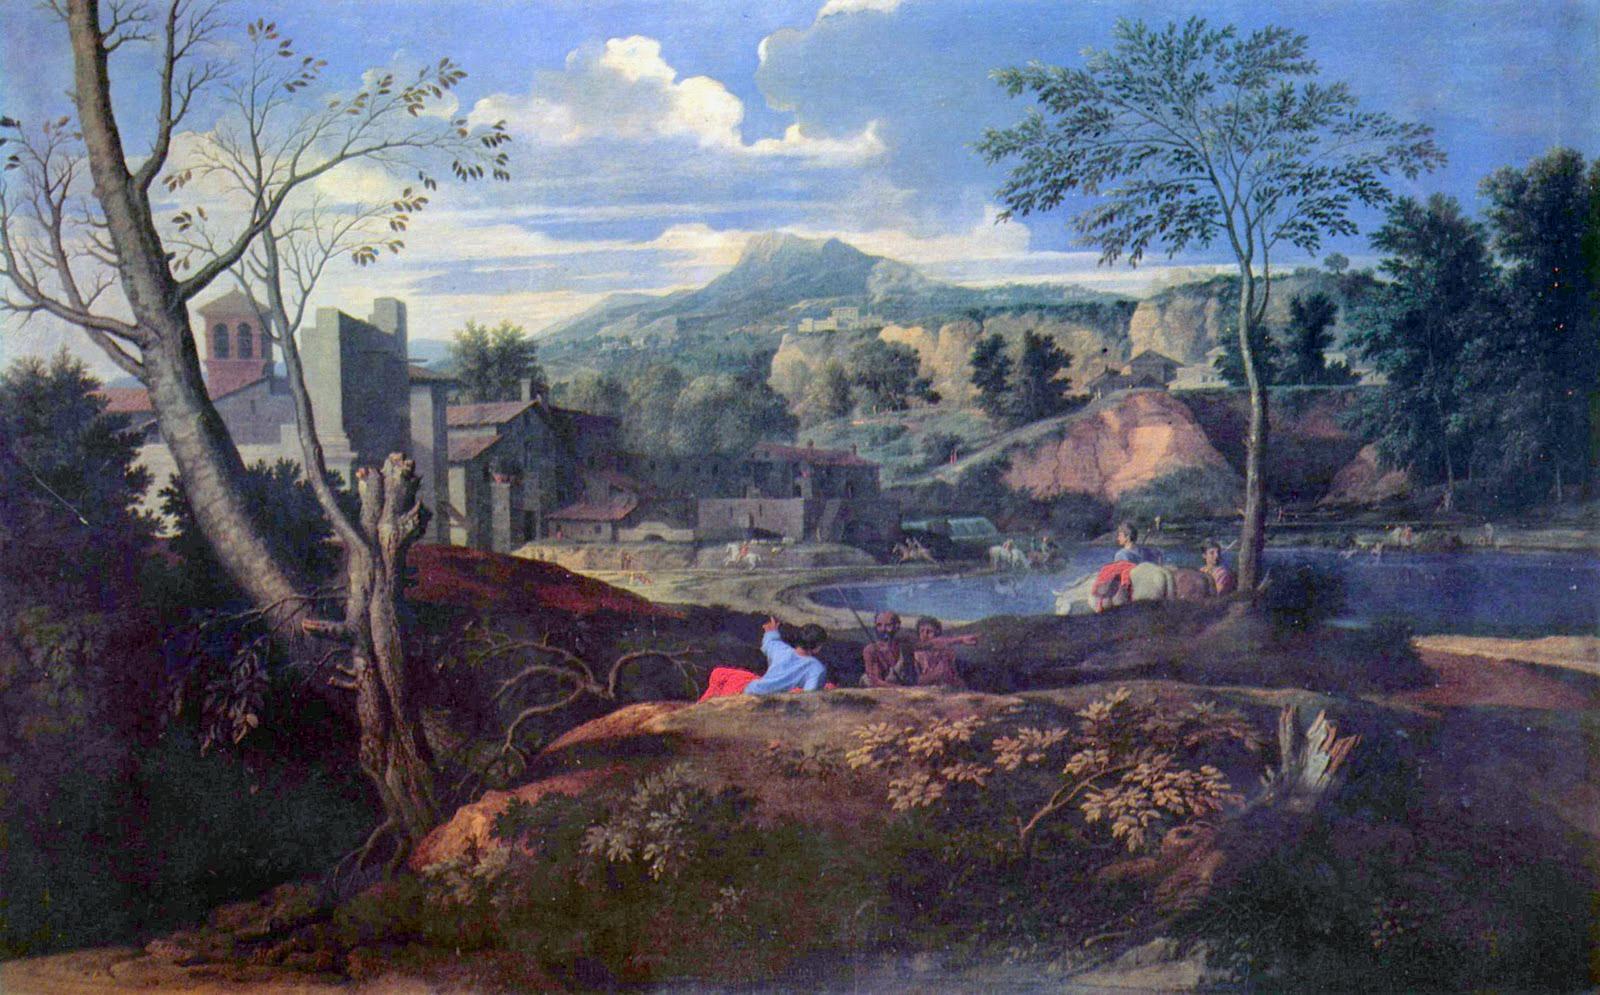 Ideal Landscape, Nicolas Poussin 1645-1650